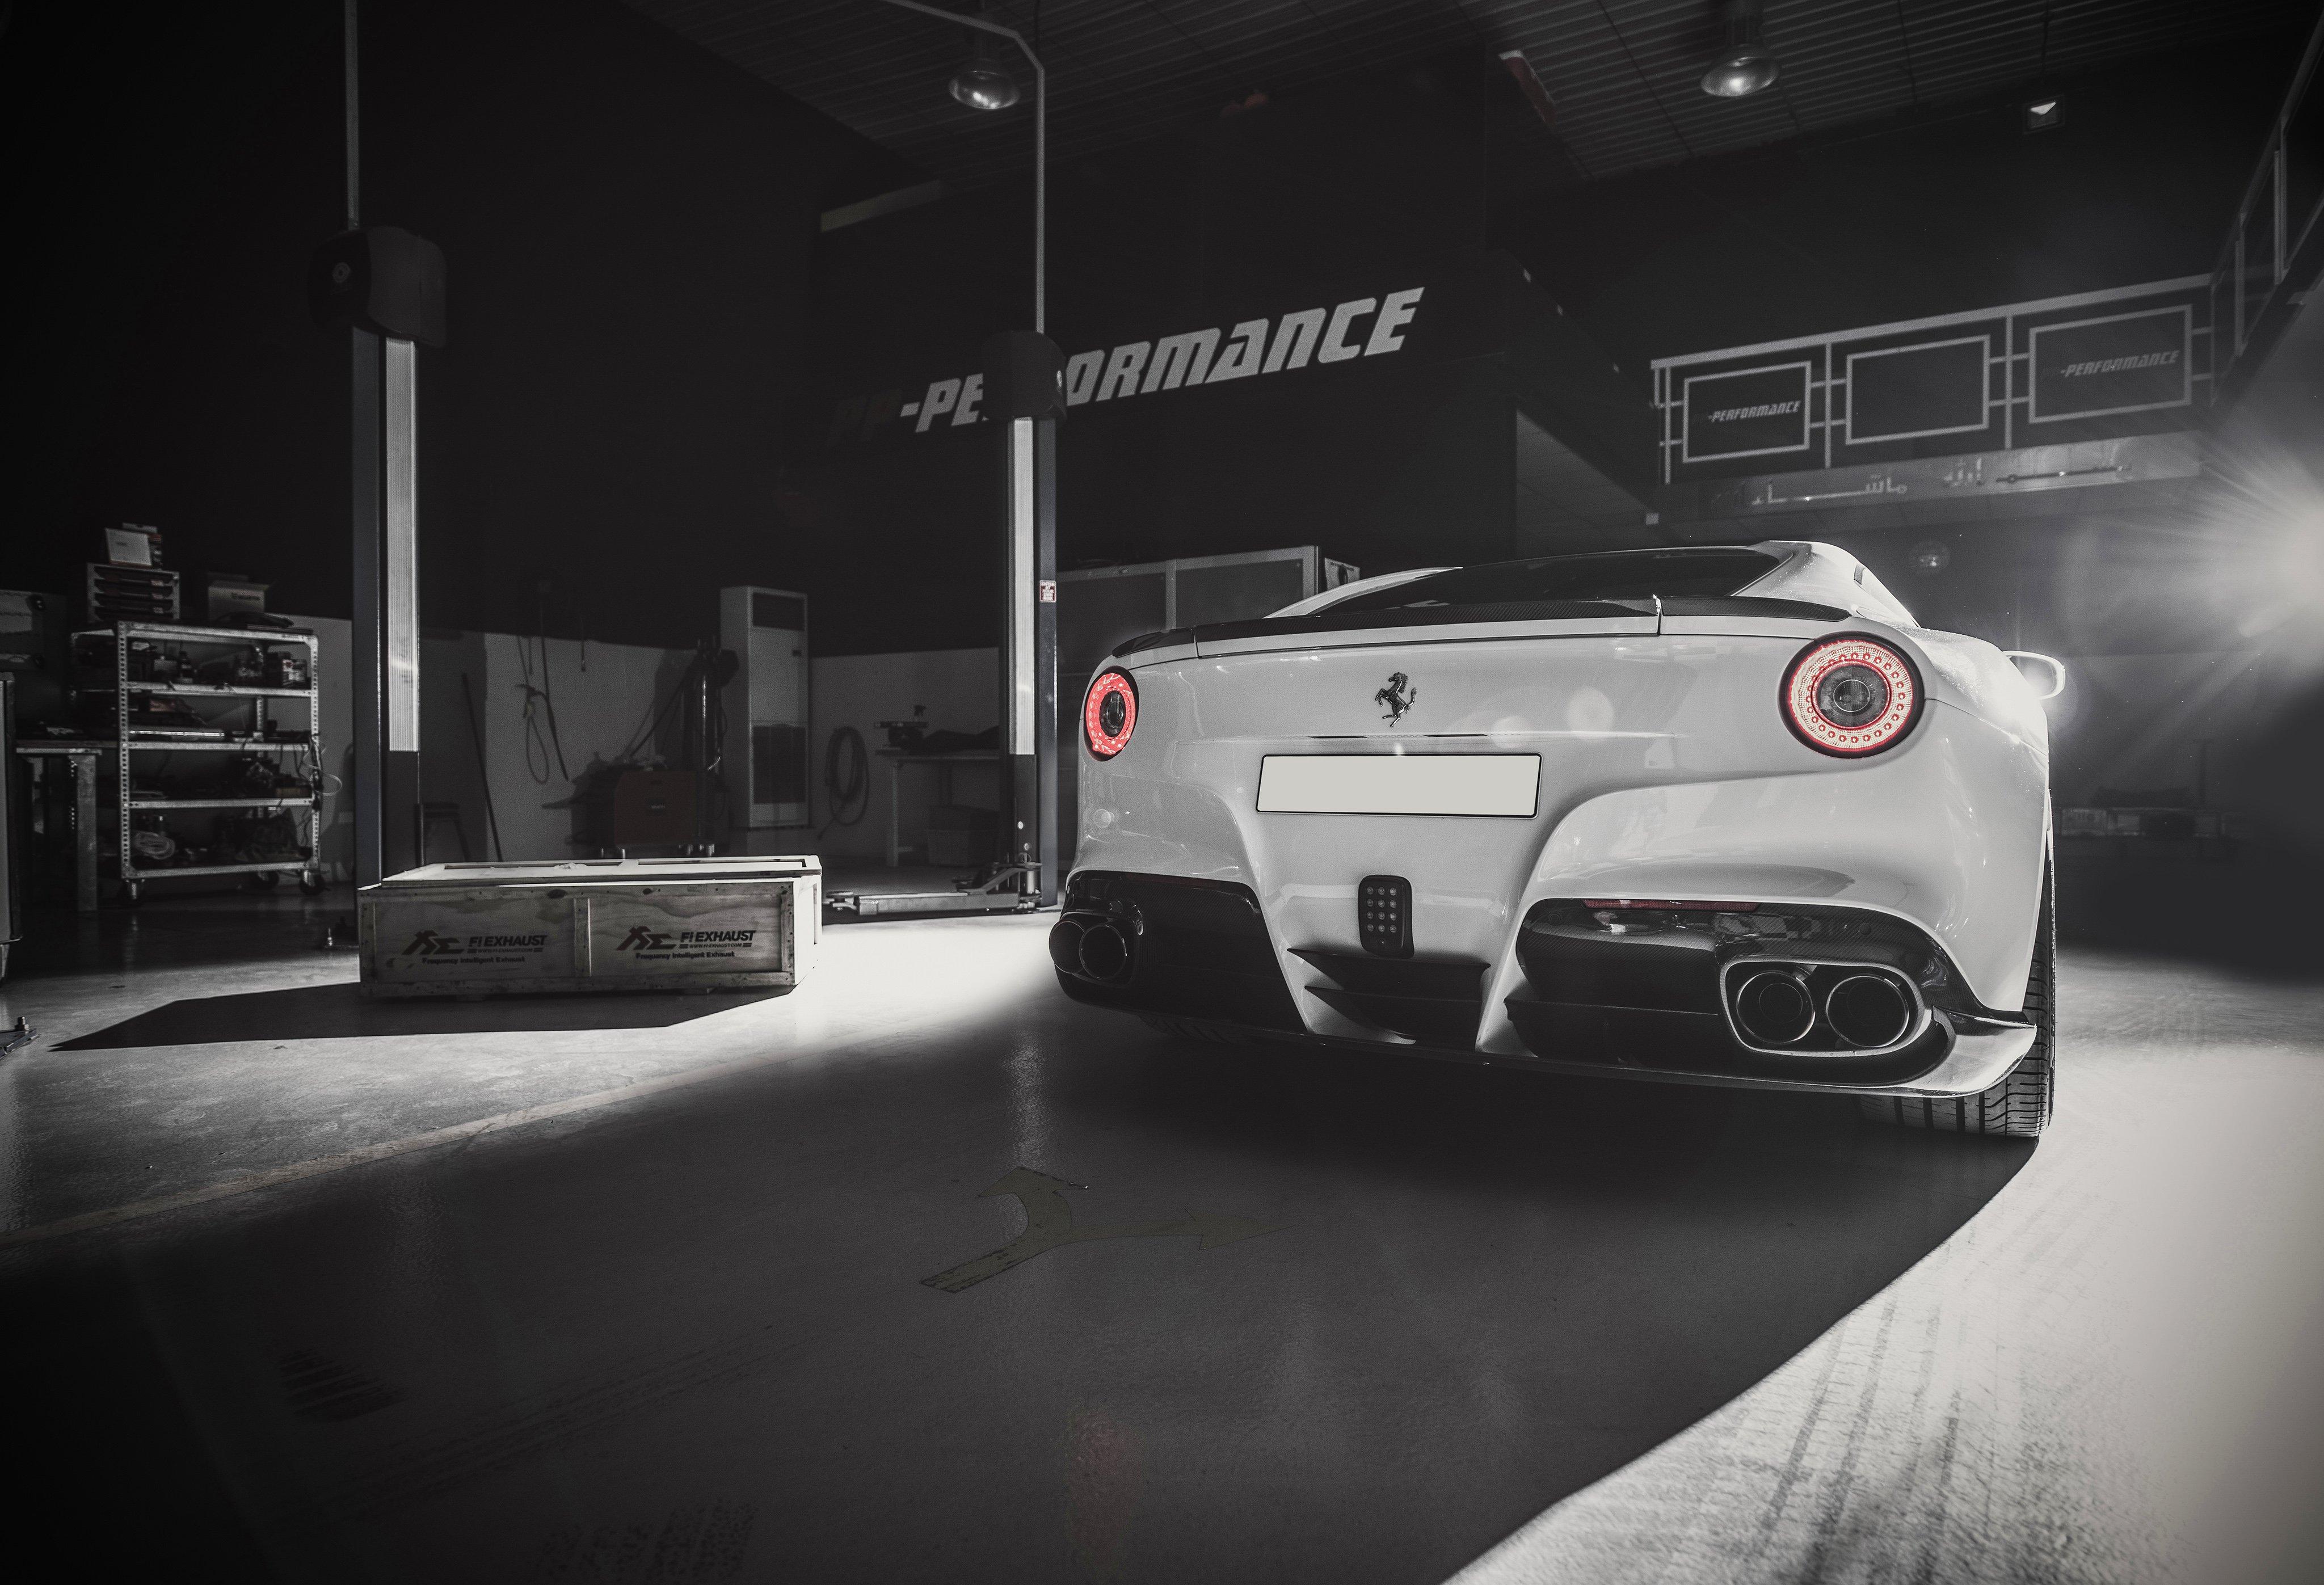 Ferrari F12 Berlinetta Black Wallpaper